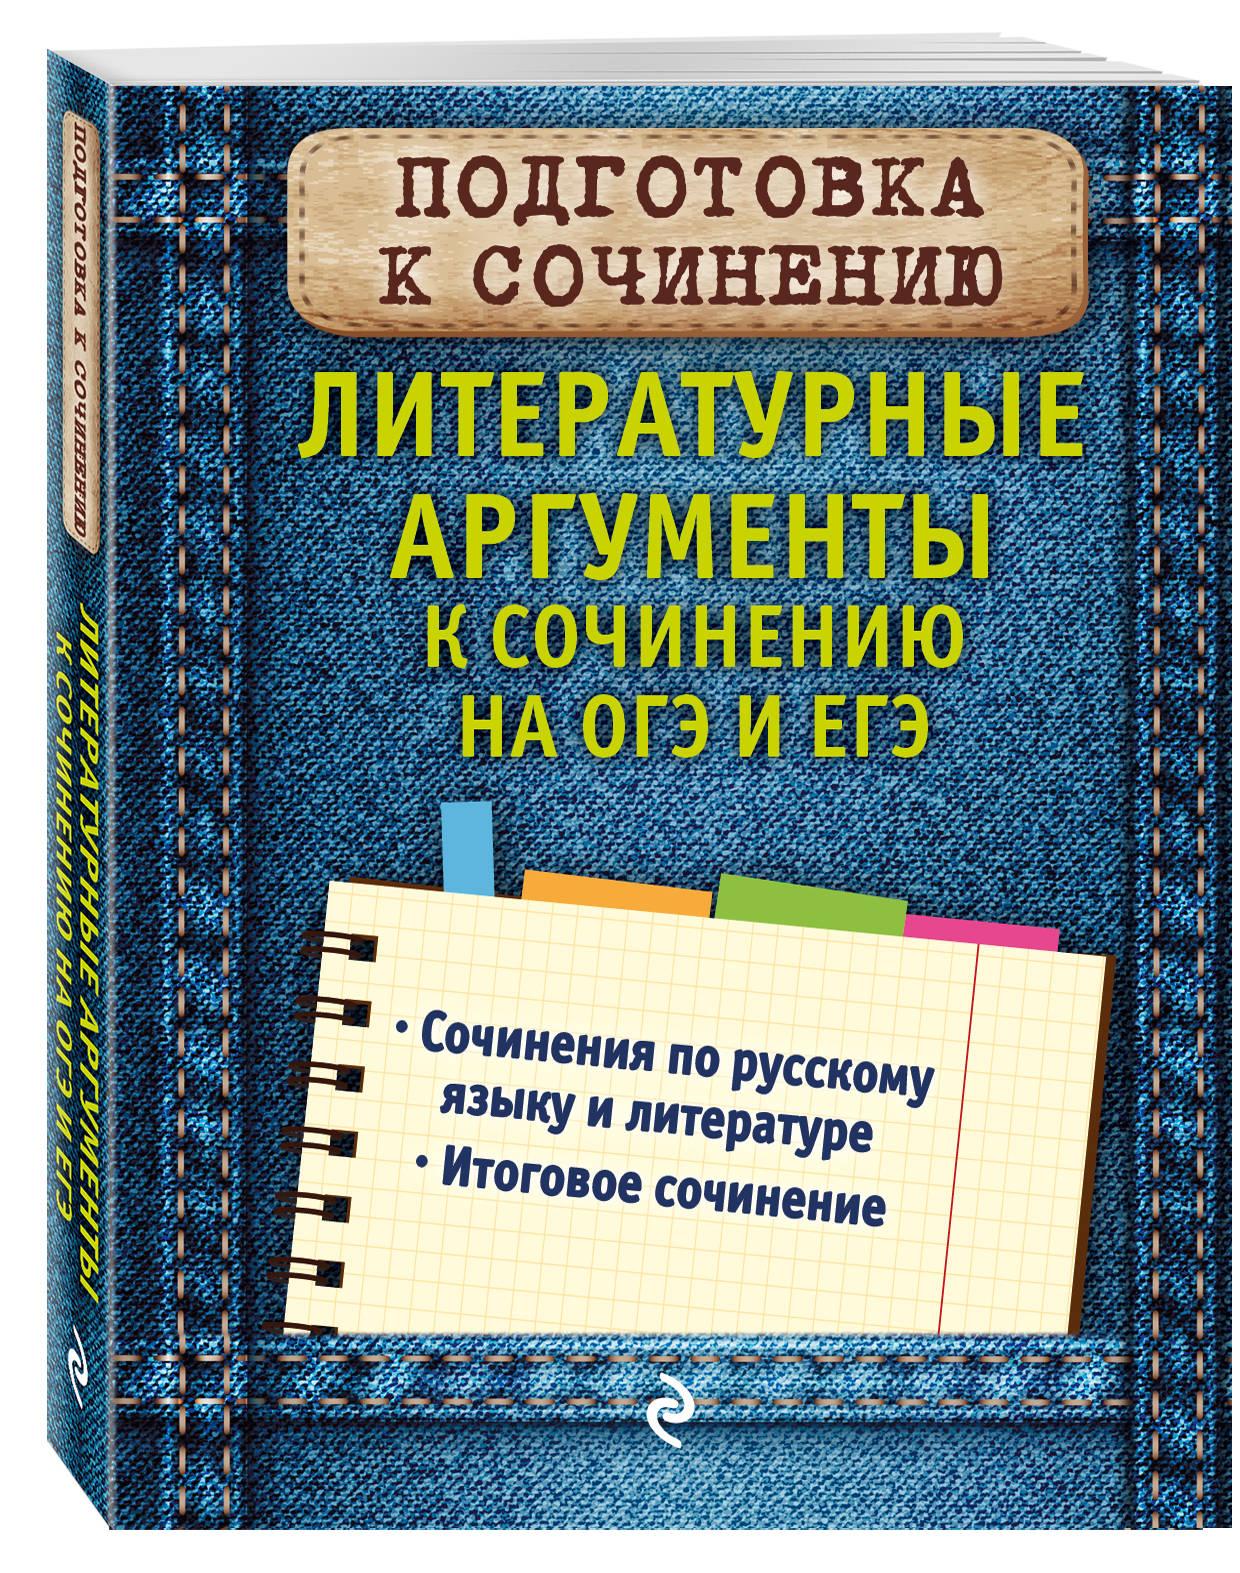 Л. Н. Черкасова Литературные аргументы к сочинению на ОГЭ и ЕГЭ заярная и русский язык подготовка к егэ литературные аргументы к сочинению